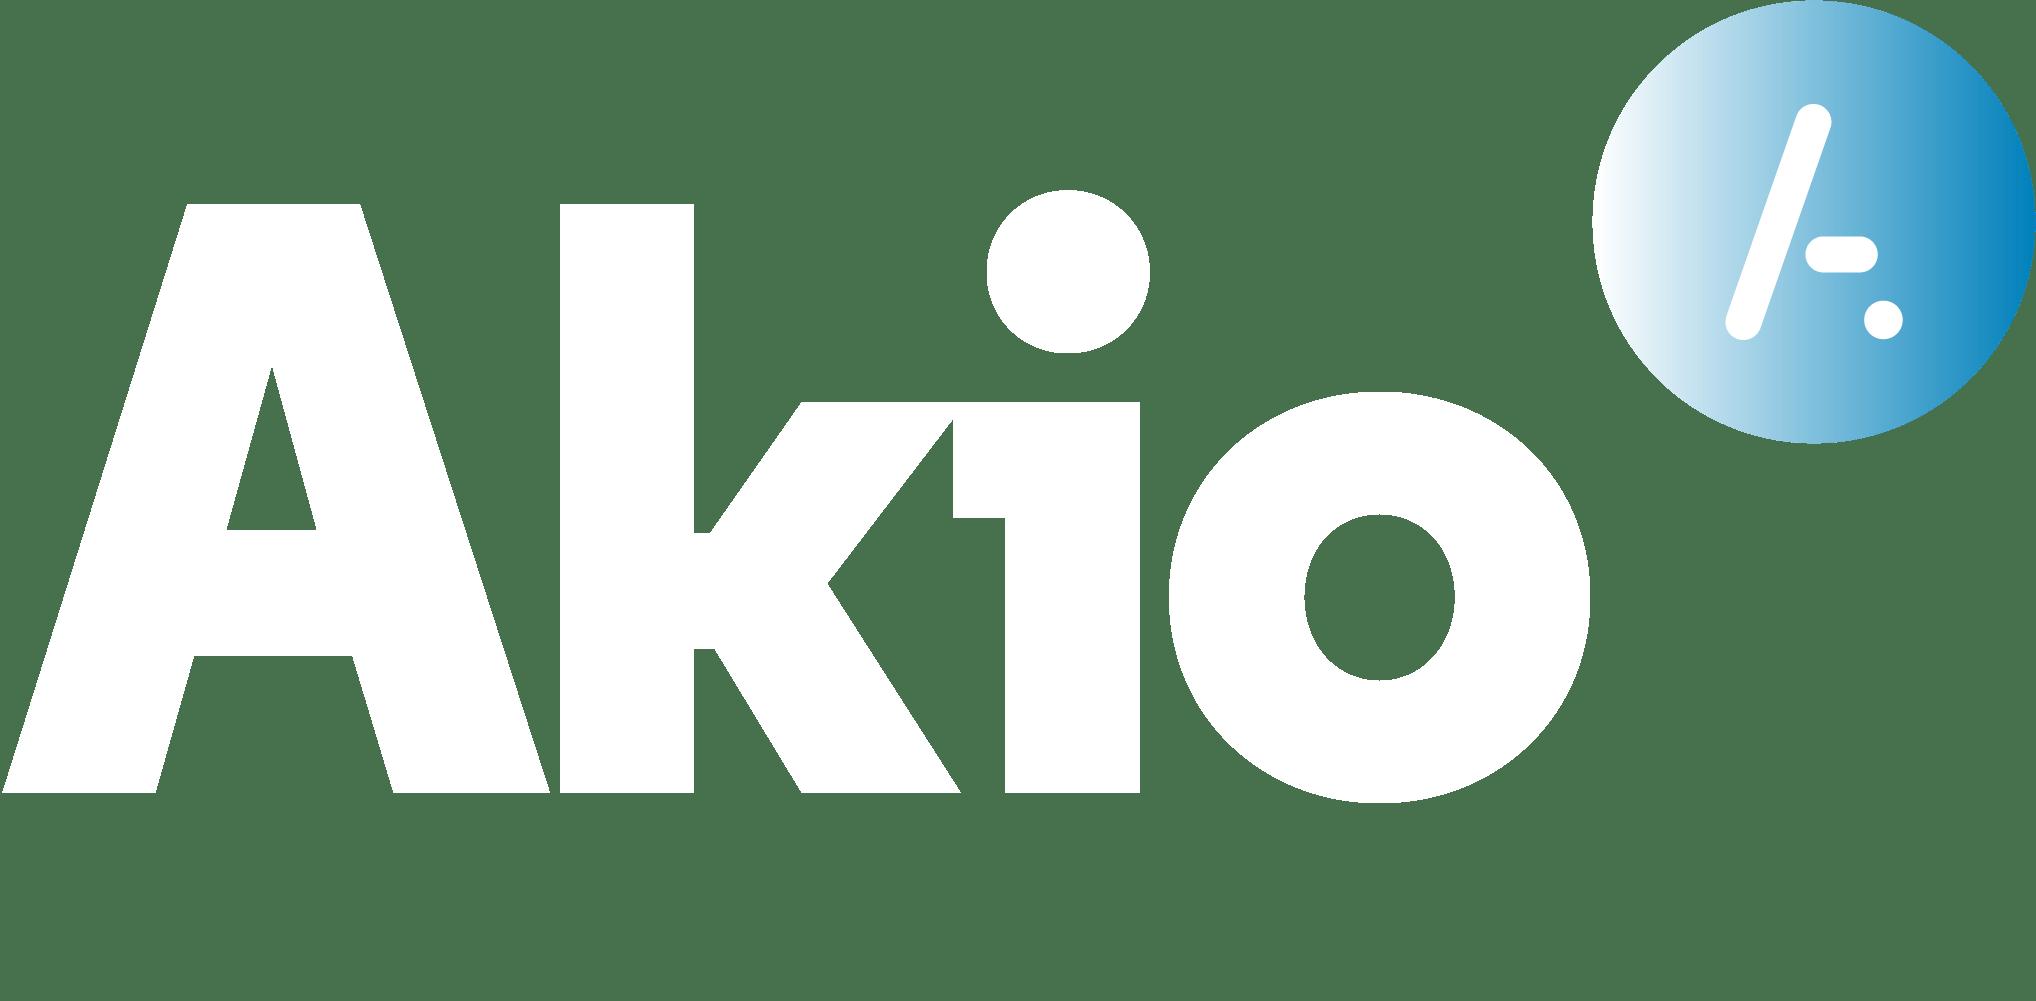 Logo Akio blanc sans baseline